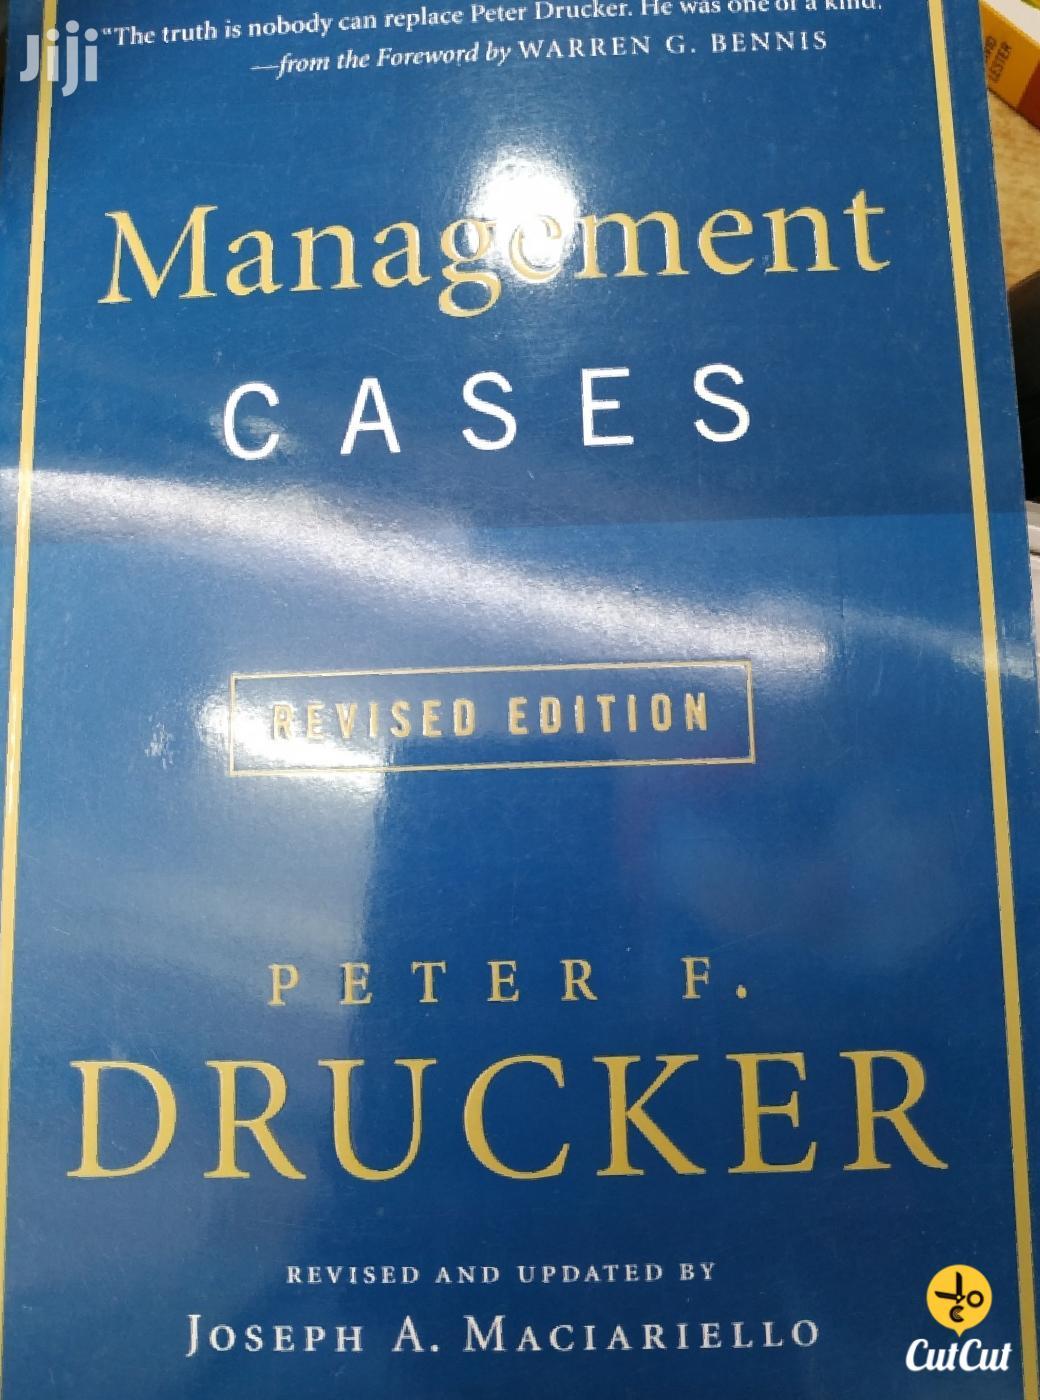 Management Cases - Peter Drucker | Books & Games for sale in Kileleshwa, Nairobi, Kenya